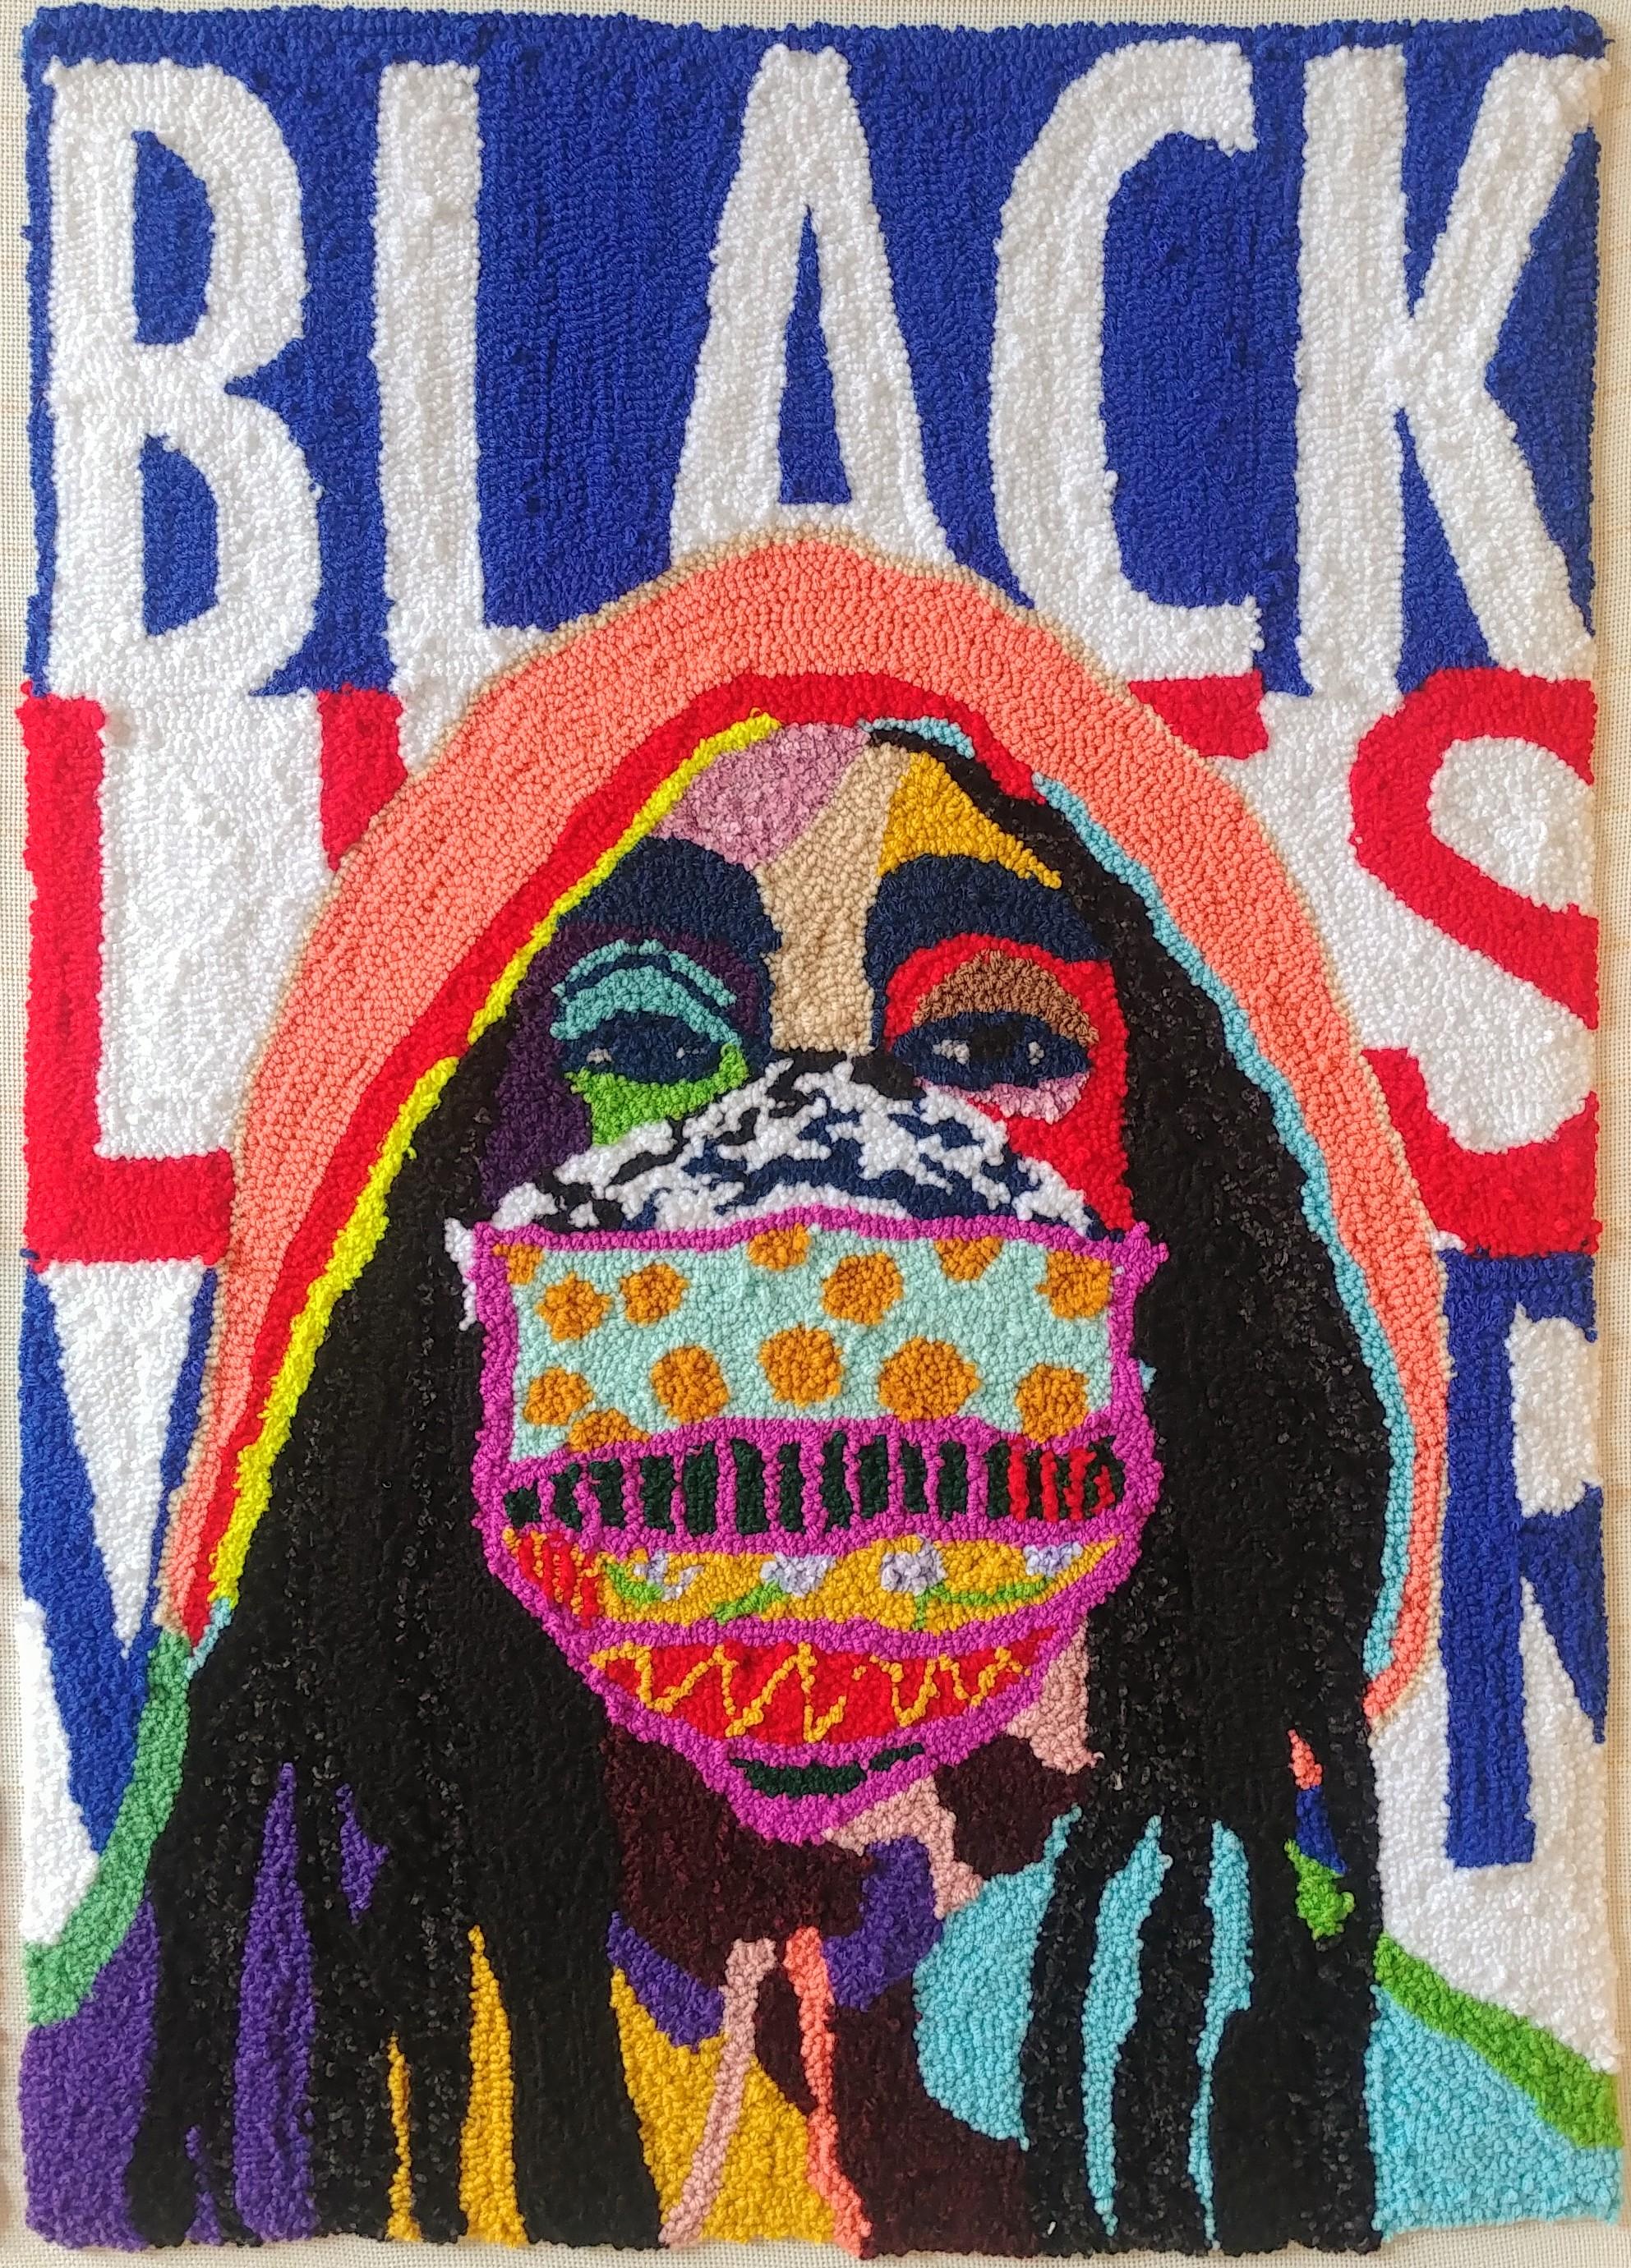 Black Lives Matter - Saunders.jpg